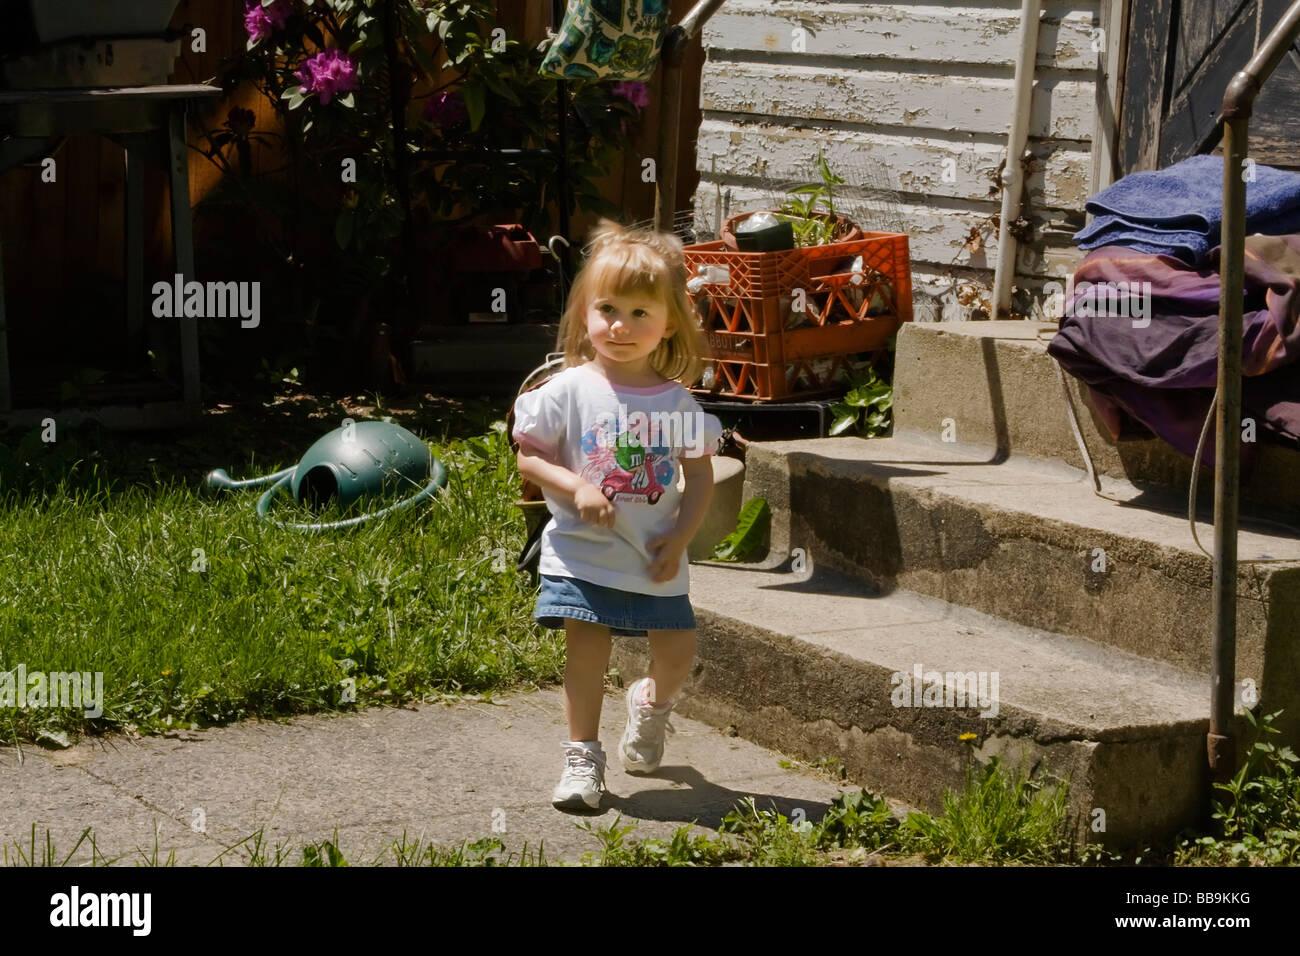 Kleines Mädchen in Bewegung Stockbild